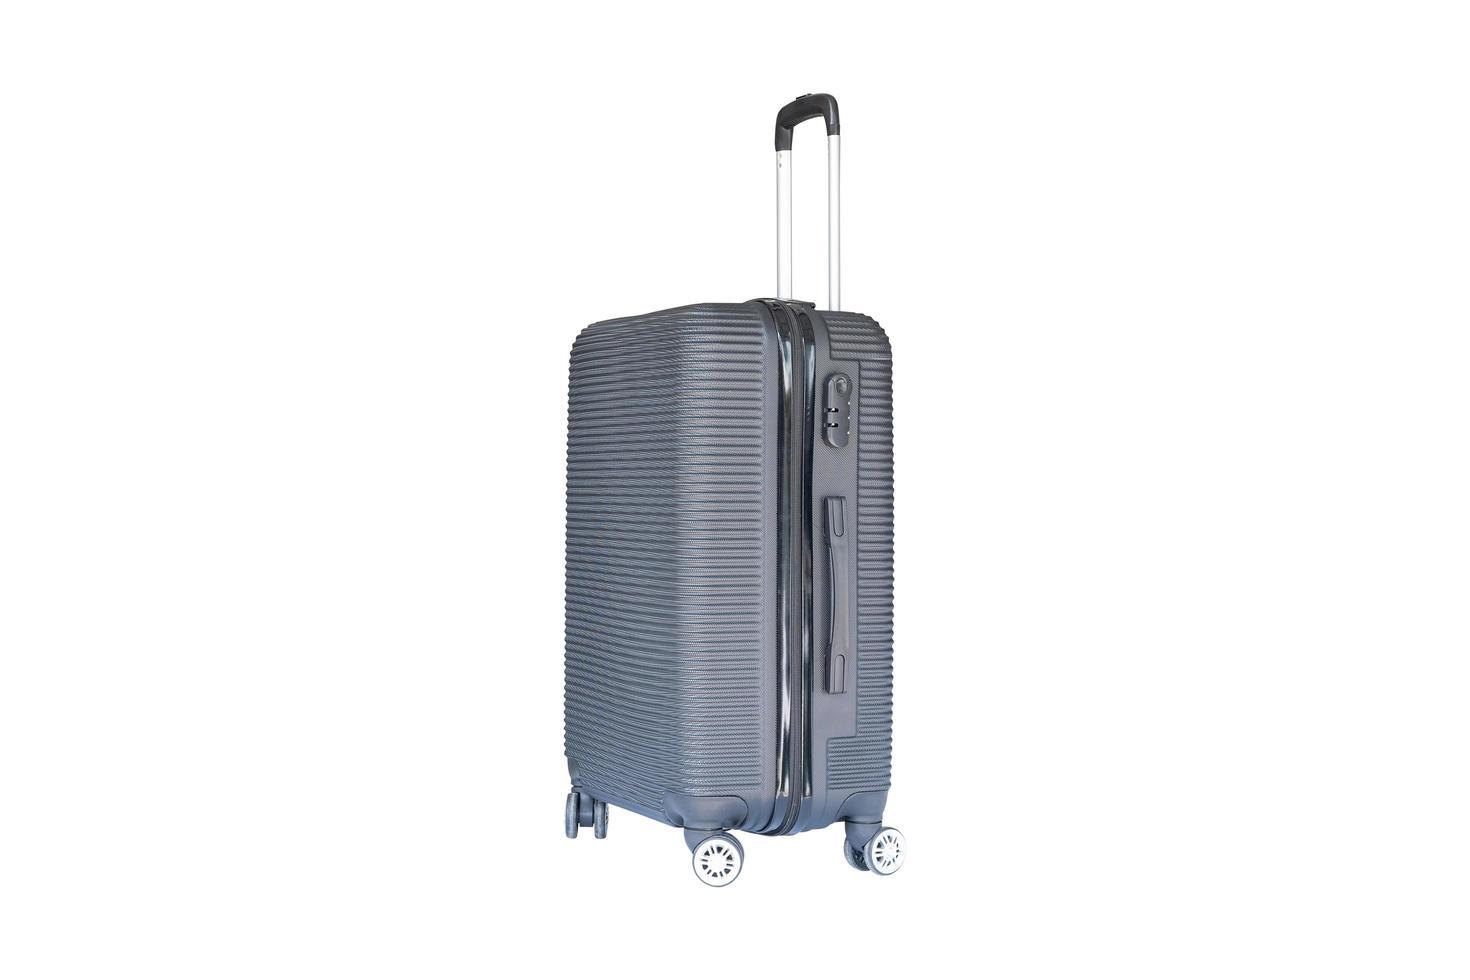 vue latérale du bagage gris photo